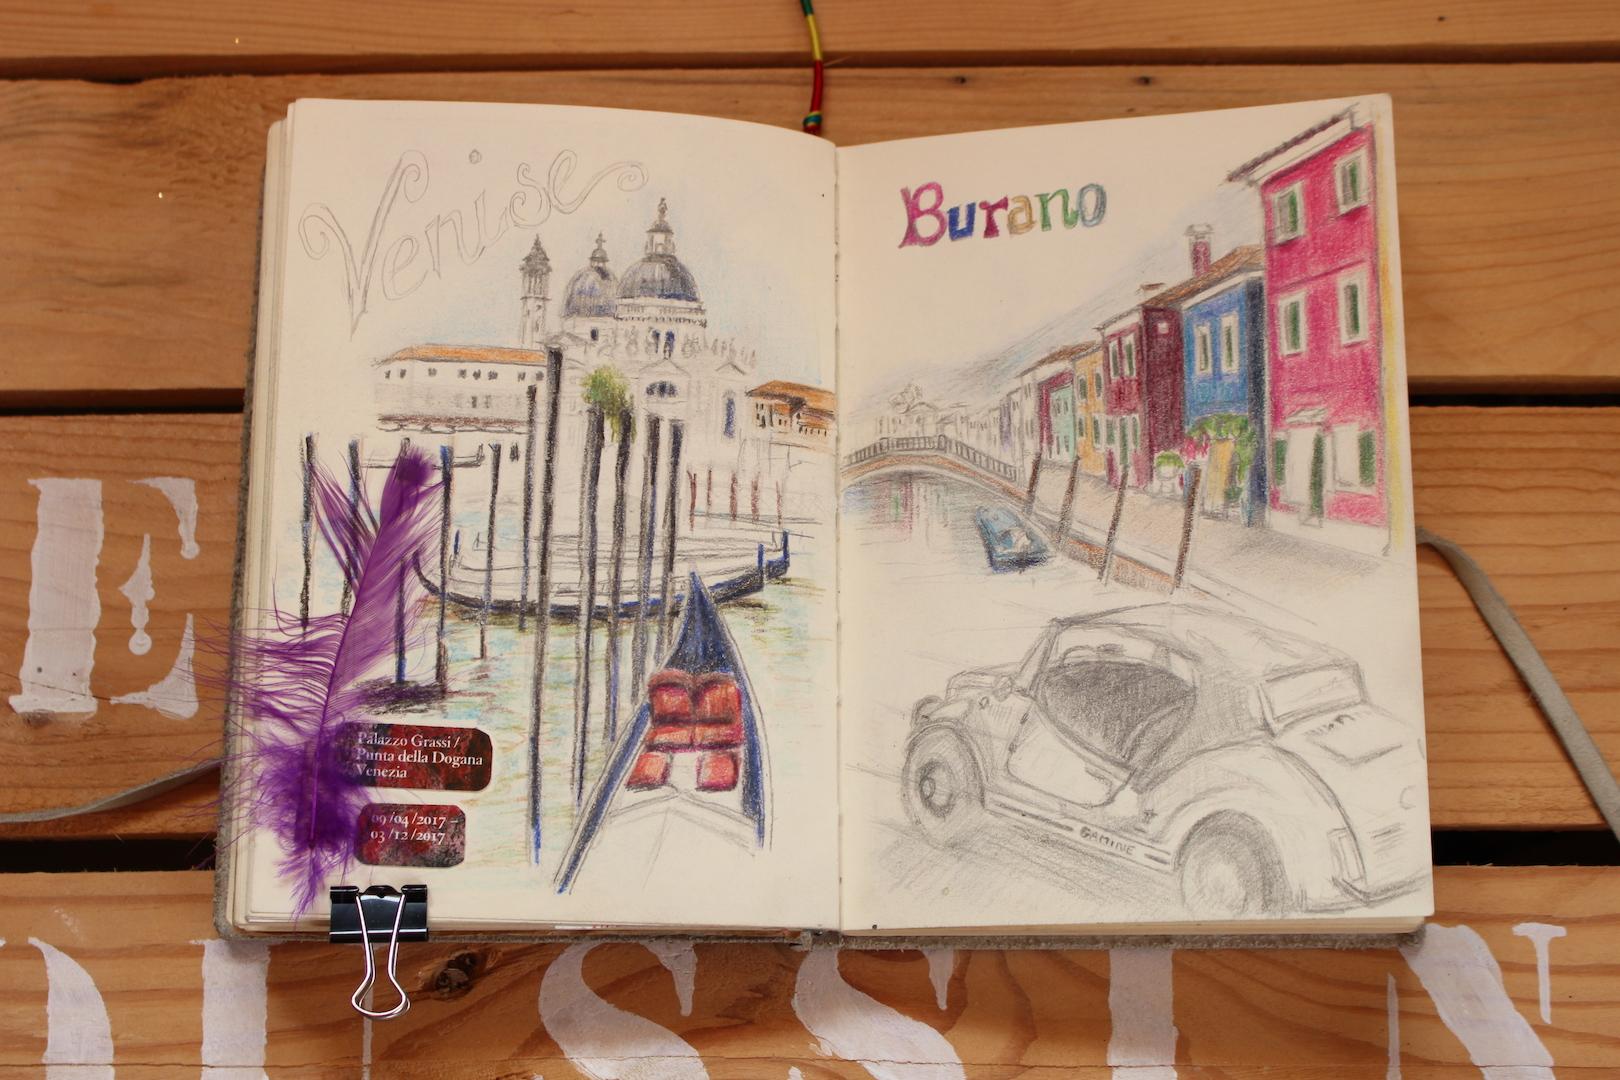 Croquis sur Venise et Burano en Italie